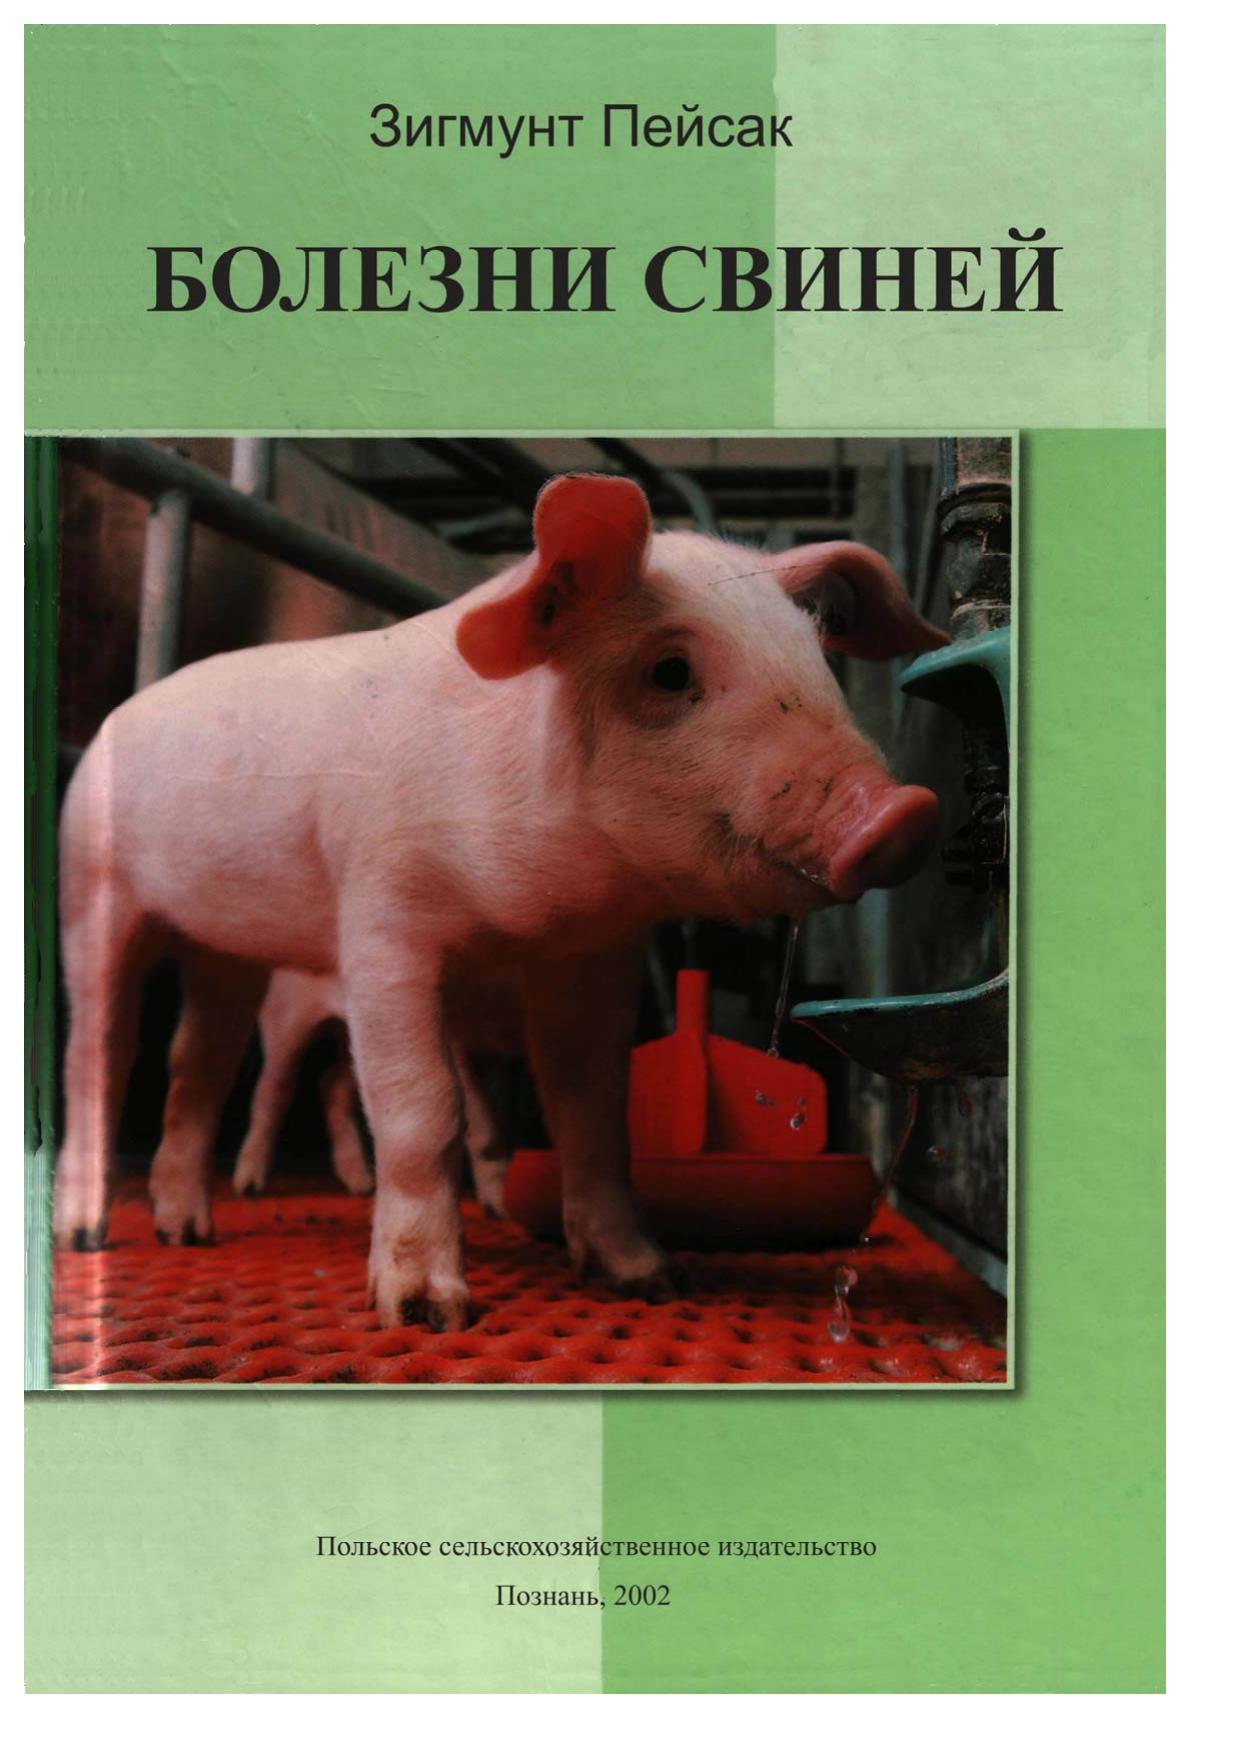 Болезни свиней и поросят: симптомы, признаки, лечение, фото